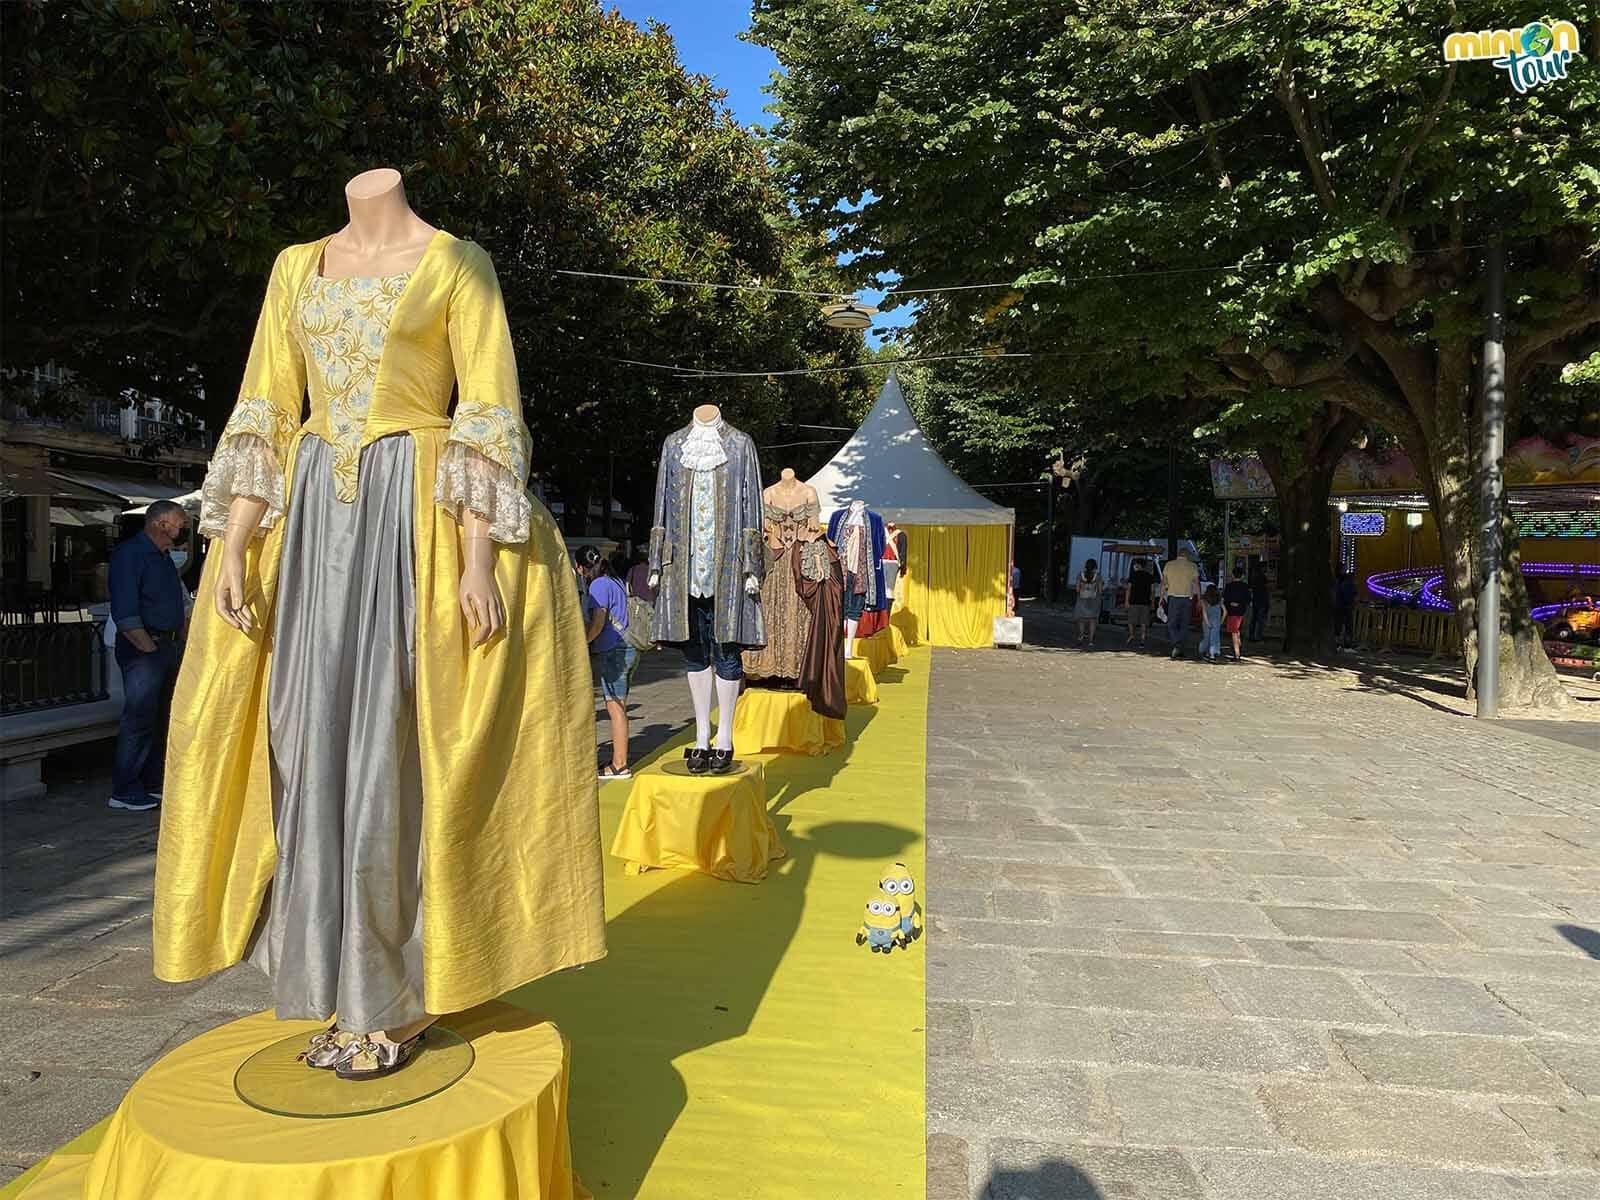 Estos son los trajes que se usaban en el Ferrol de la Ilustración